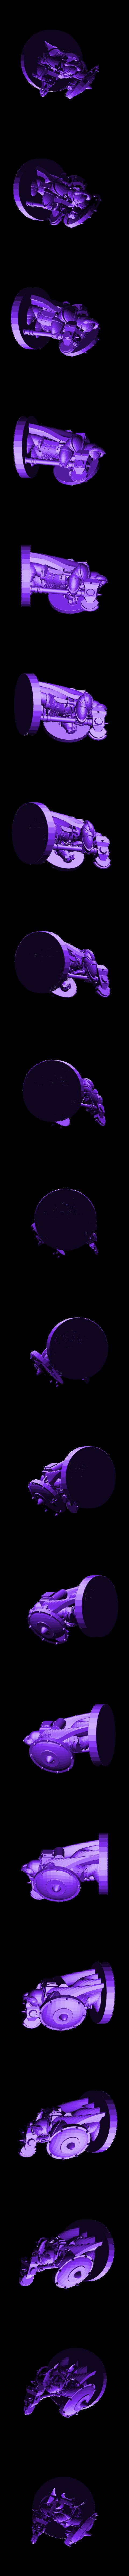 Shield_Dwarf_28mm.stl Télécharger fichier STL gratuit Nain de bouclier • Design pour impression 3D, mrhers2